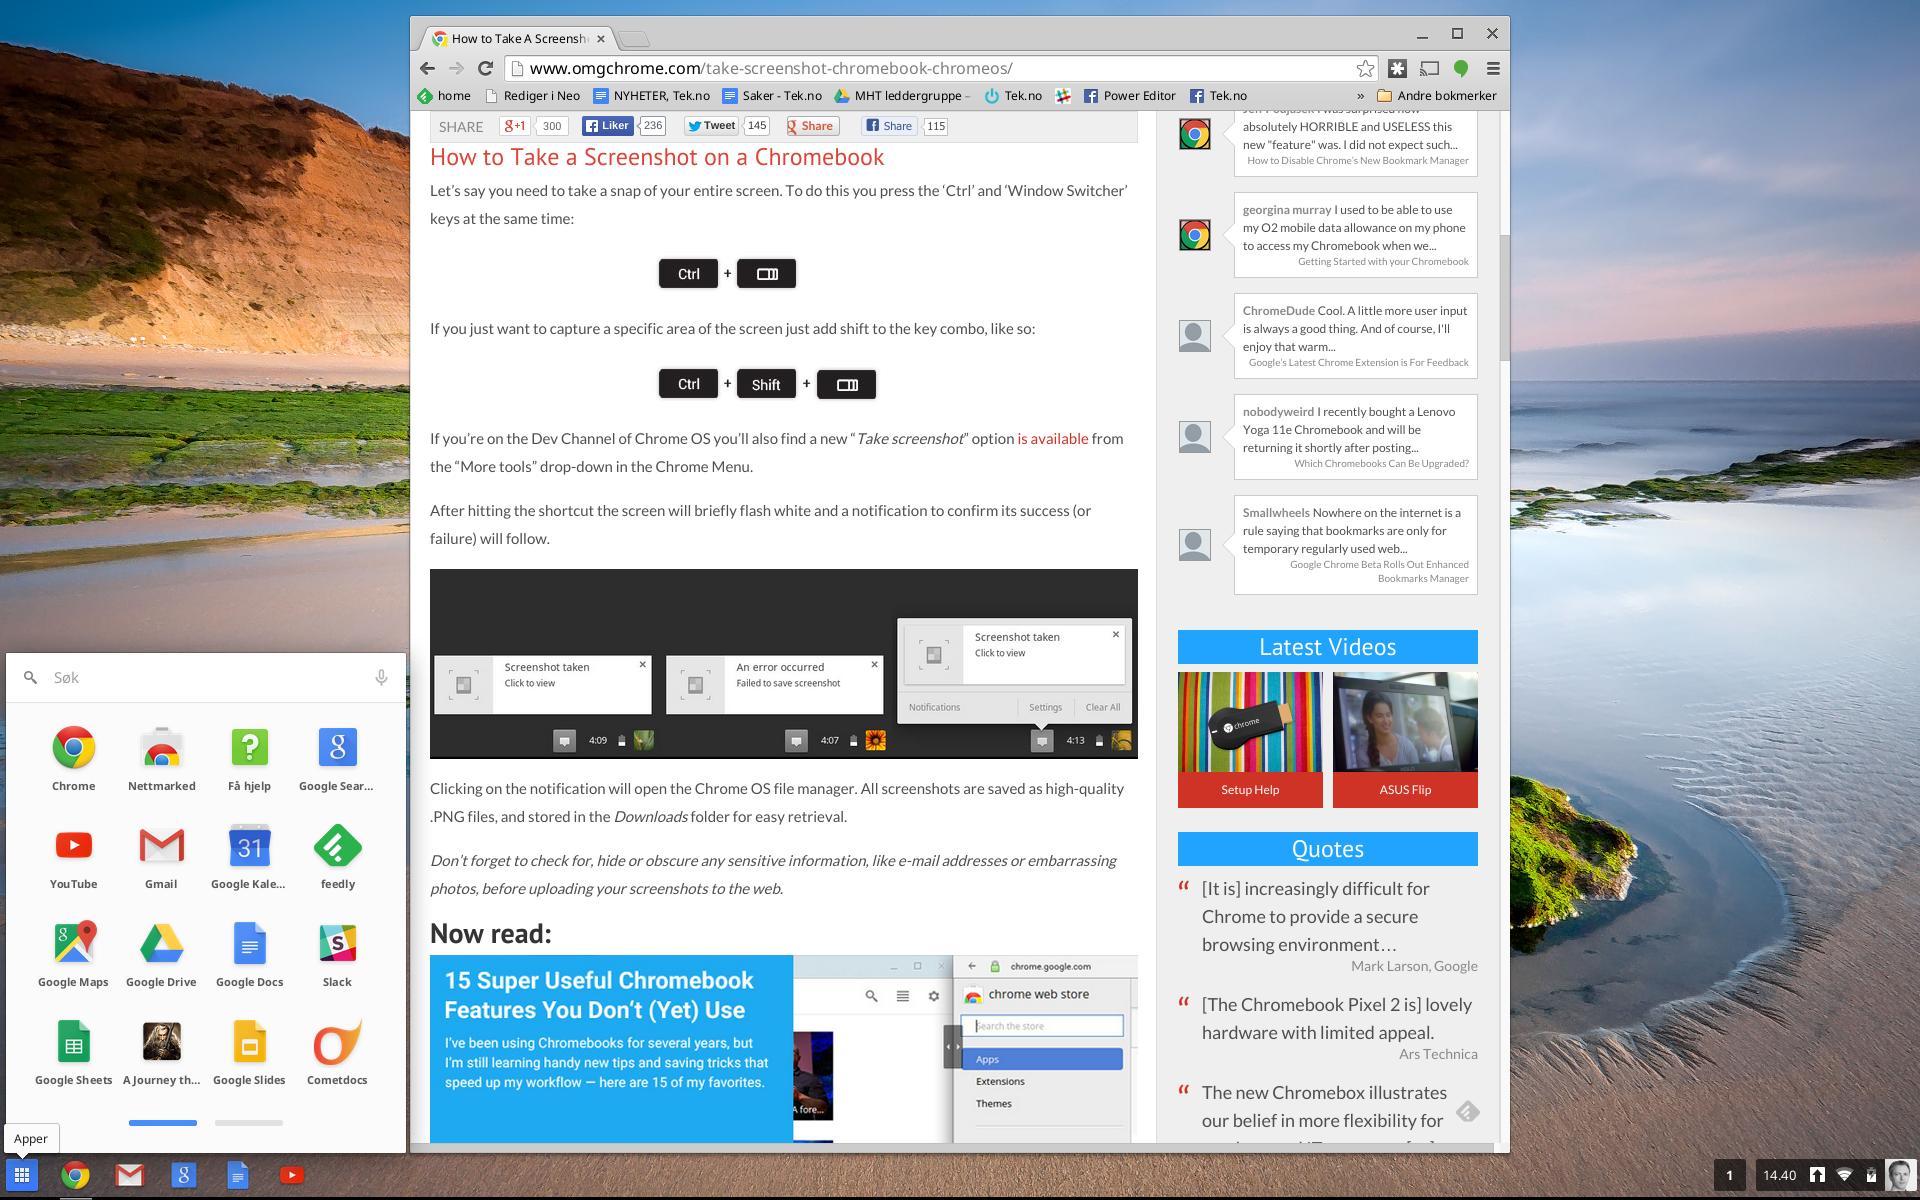 Chrome OS. Menyknappen nederst i venstre hjørne viser alle appene dine, og lar deg søke. I en oppdatering endret denne seg til et forstørrelsesglass, og app-menyen dukker nå opp midt på skjermen i stedet.